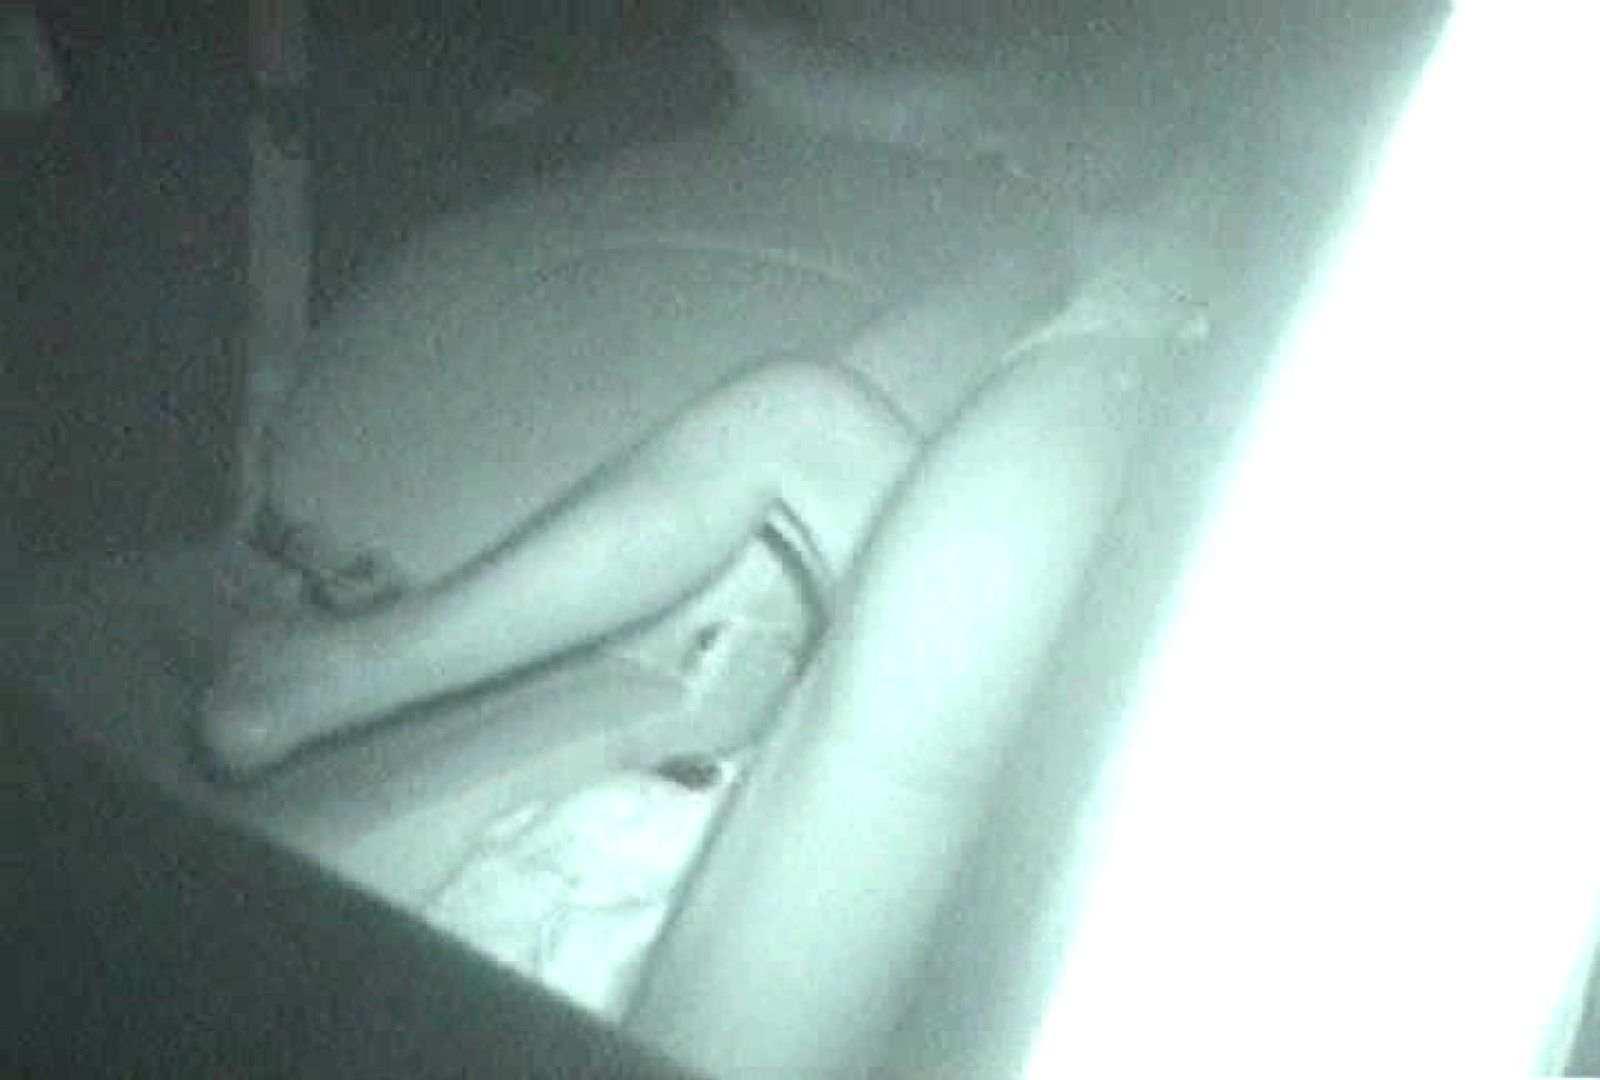 充血監督の深夜の運動会Vol.70 全裸版 | OLセックス  75画像 45